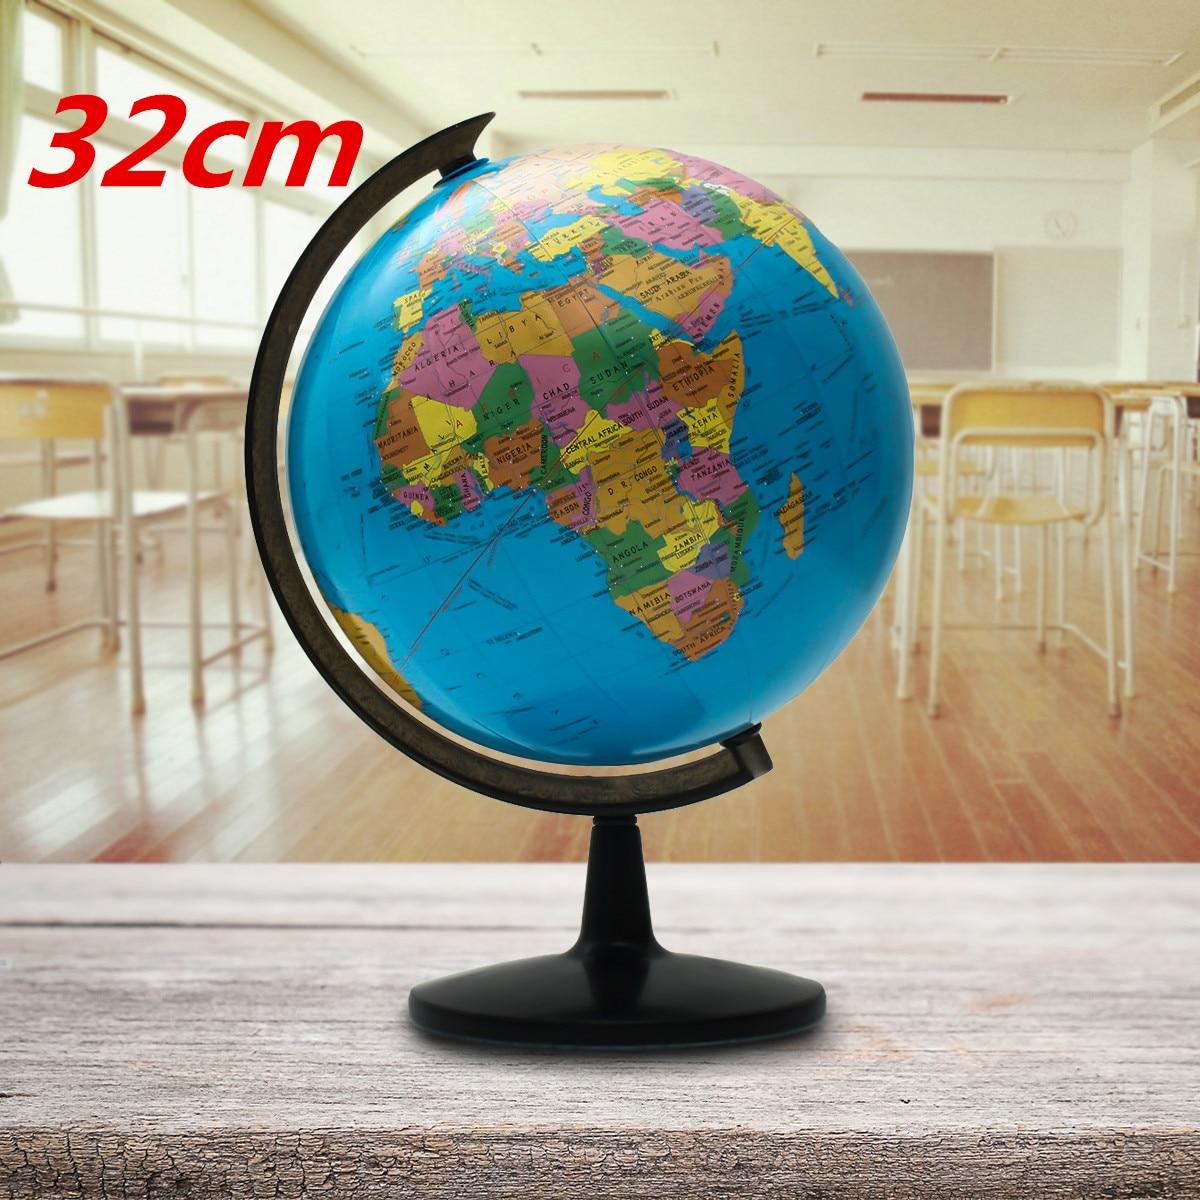 32 cm monde Globe carte enfants géograpie jouets éducatifs fournitures scolaires étudiants récompense cadeau maison bureau décorations de bureau - 4